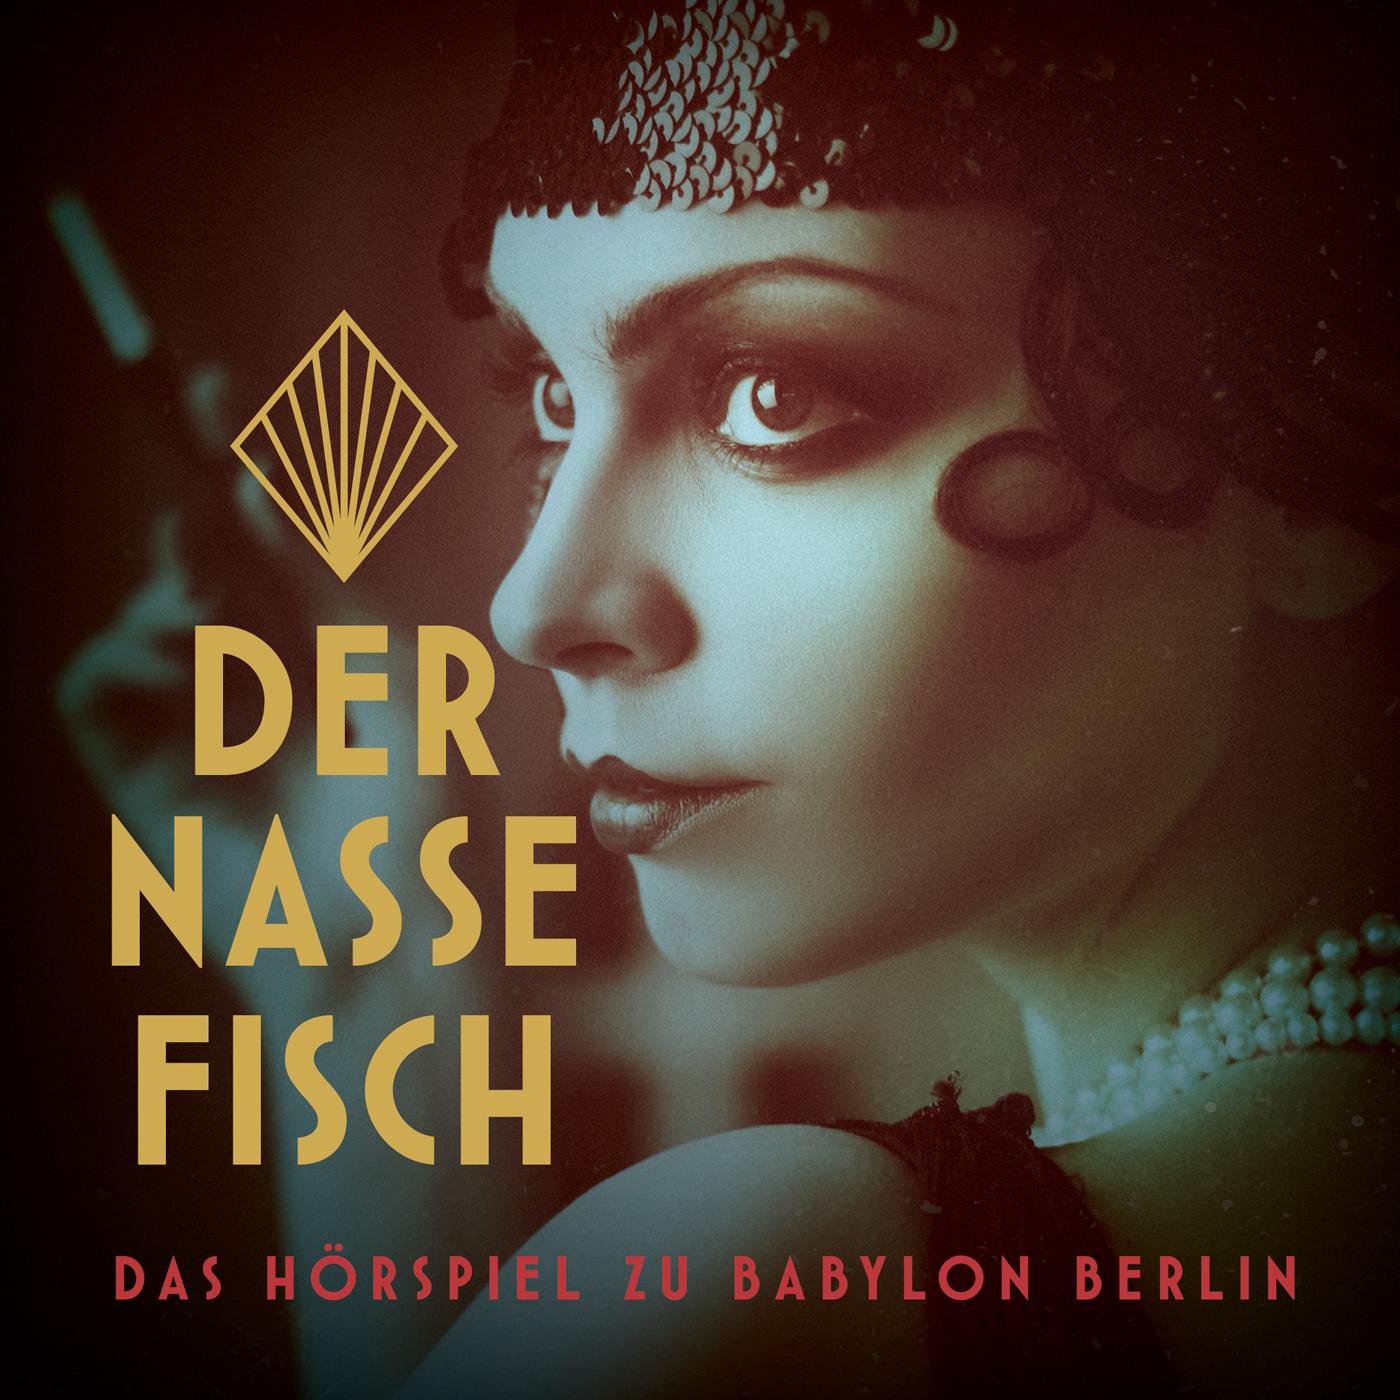 Der nasse Fisch: Das Hörspiel zu Babylon Berlin